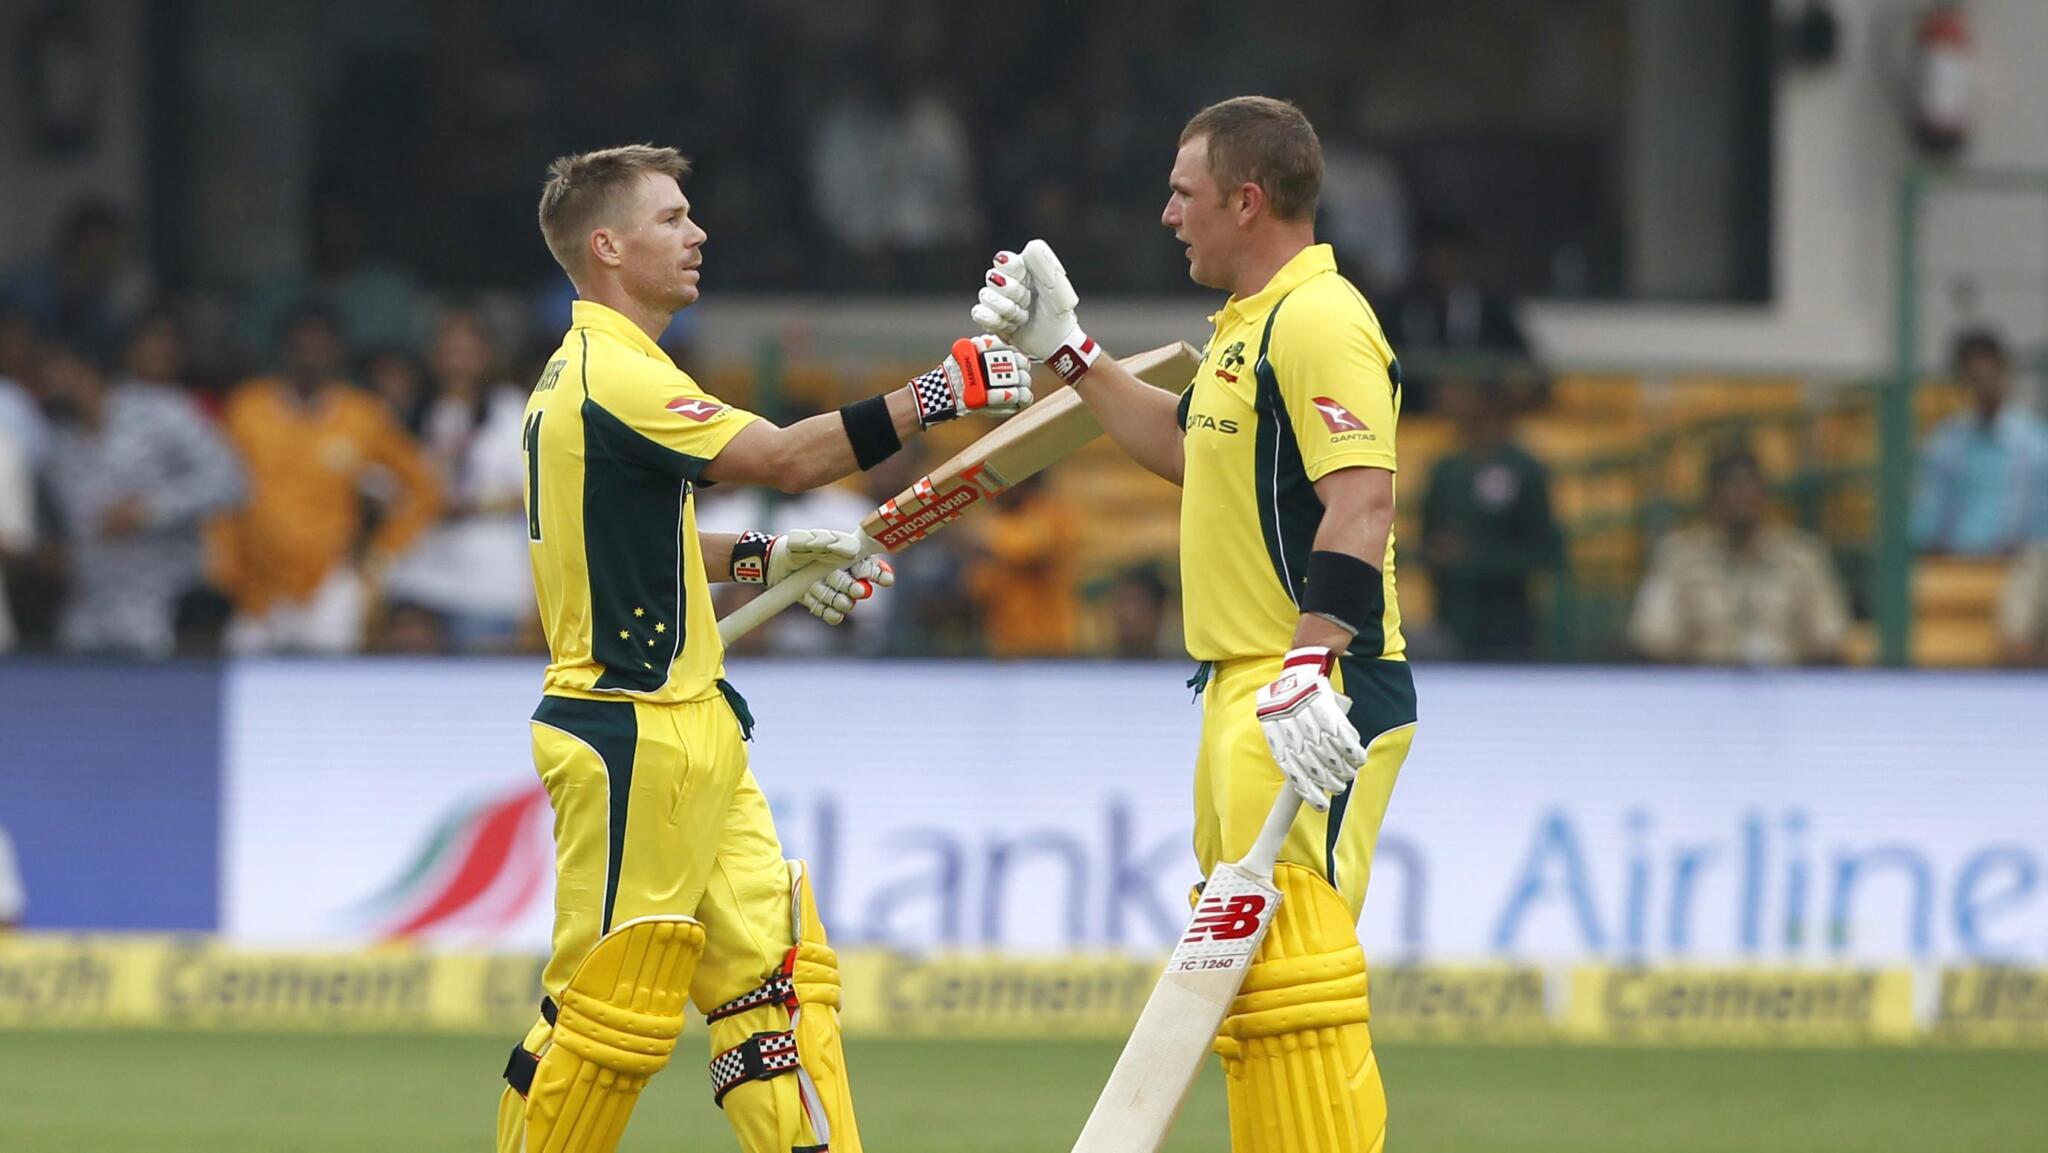 वनडे इतिहास में पहली बार भारत ने बनाया ये शर्मनाक रिकॉर्ड, लगातार 3 मैचों में कराई 100 से ज्यादा की ओपनिंग साझेदारी 8